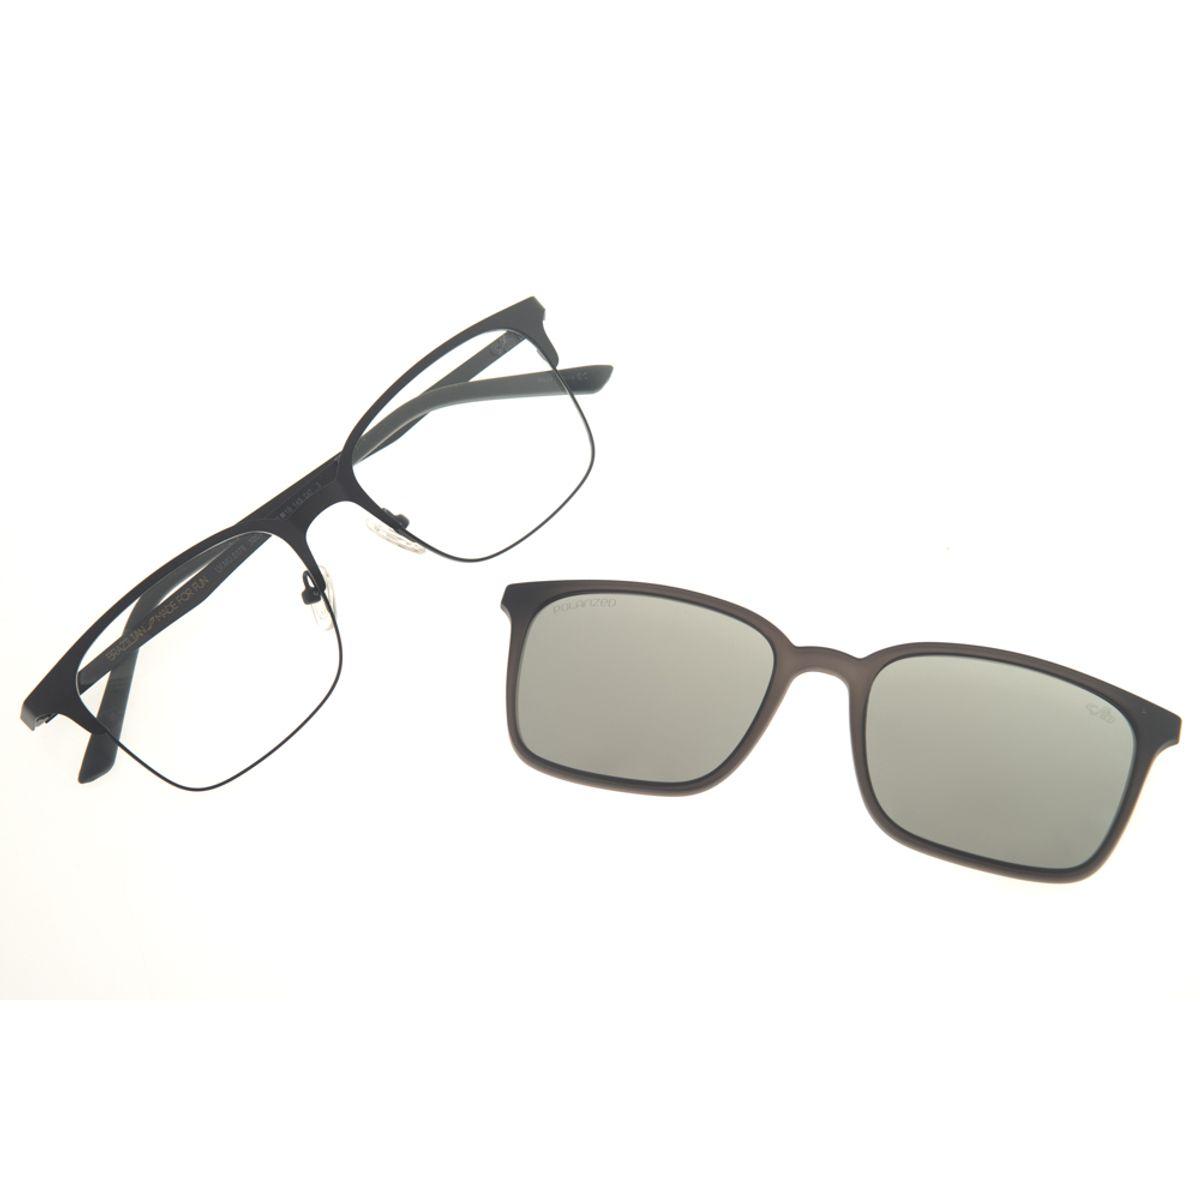 ce2605f0d Armação para óculos de Grau Masculina Chilli Beans Multi 2 em 1 ...